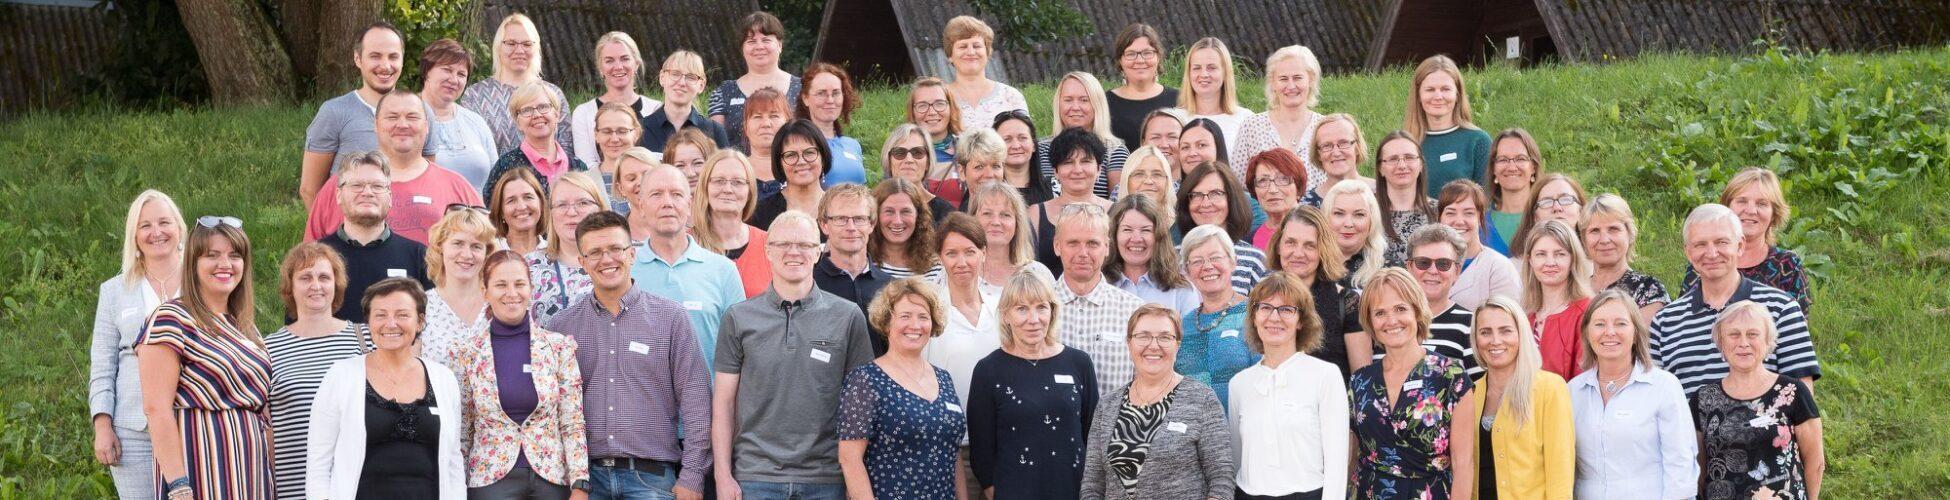 MTÜ Õpetajate Ühenduste Koostöökoda